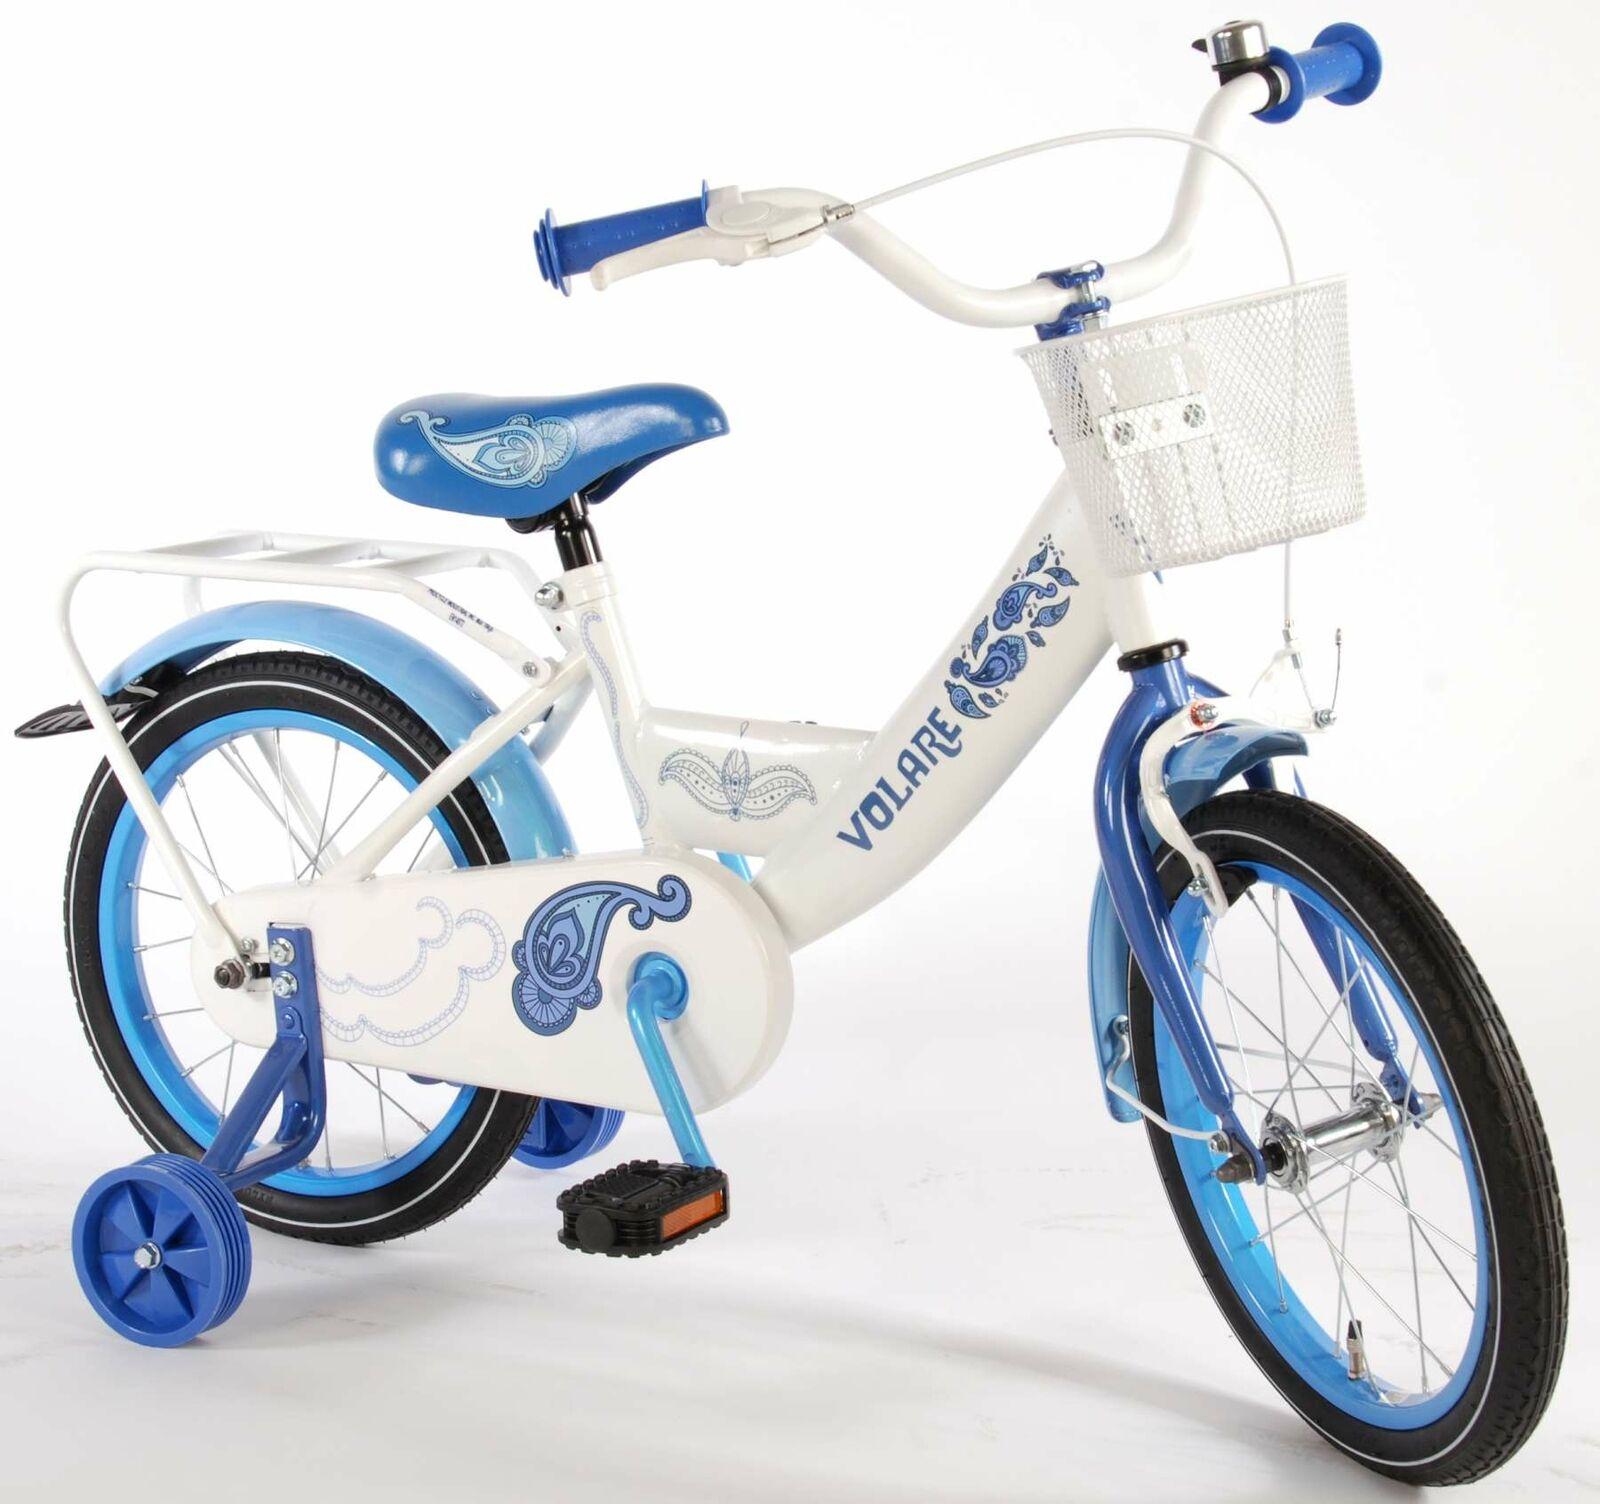 16 Zoll Mädchenfahrrad Mädchen Rad Kinder Rad Fahrrad Cityrad Rückktrittsbremse